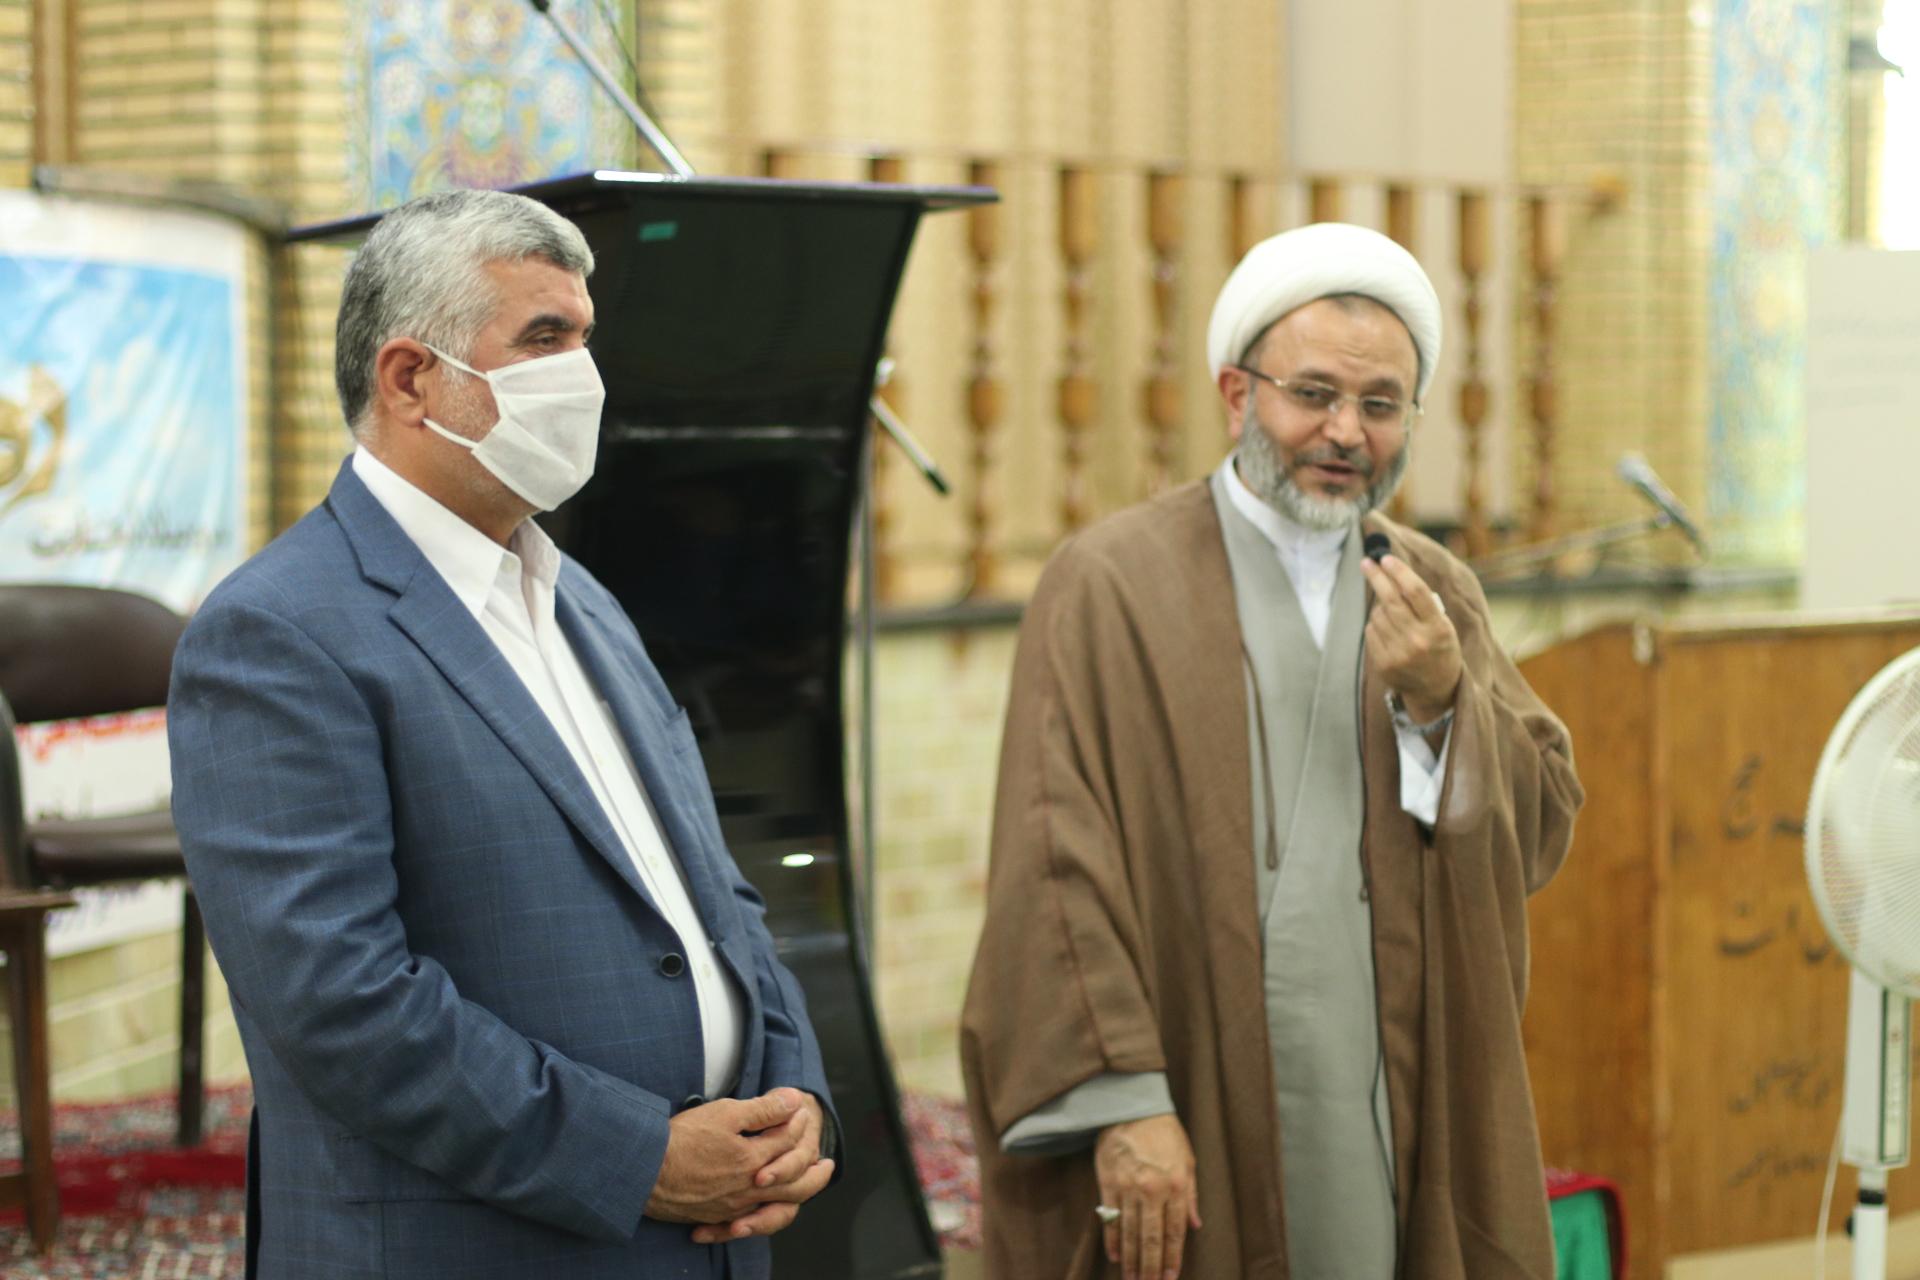 پیام دکتر علیرضا ورناصری  در پی کناره گیری حجت الاسلام امینی از منصب امامت جمعه مسجدسلیمان